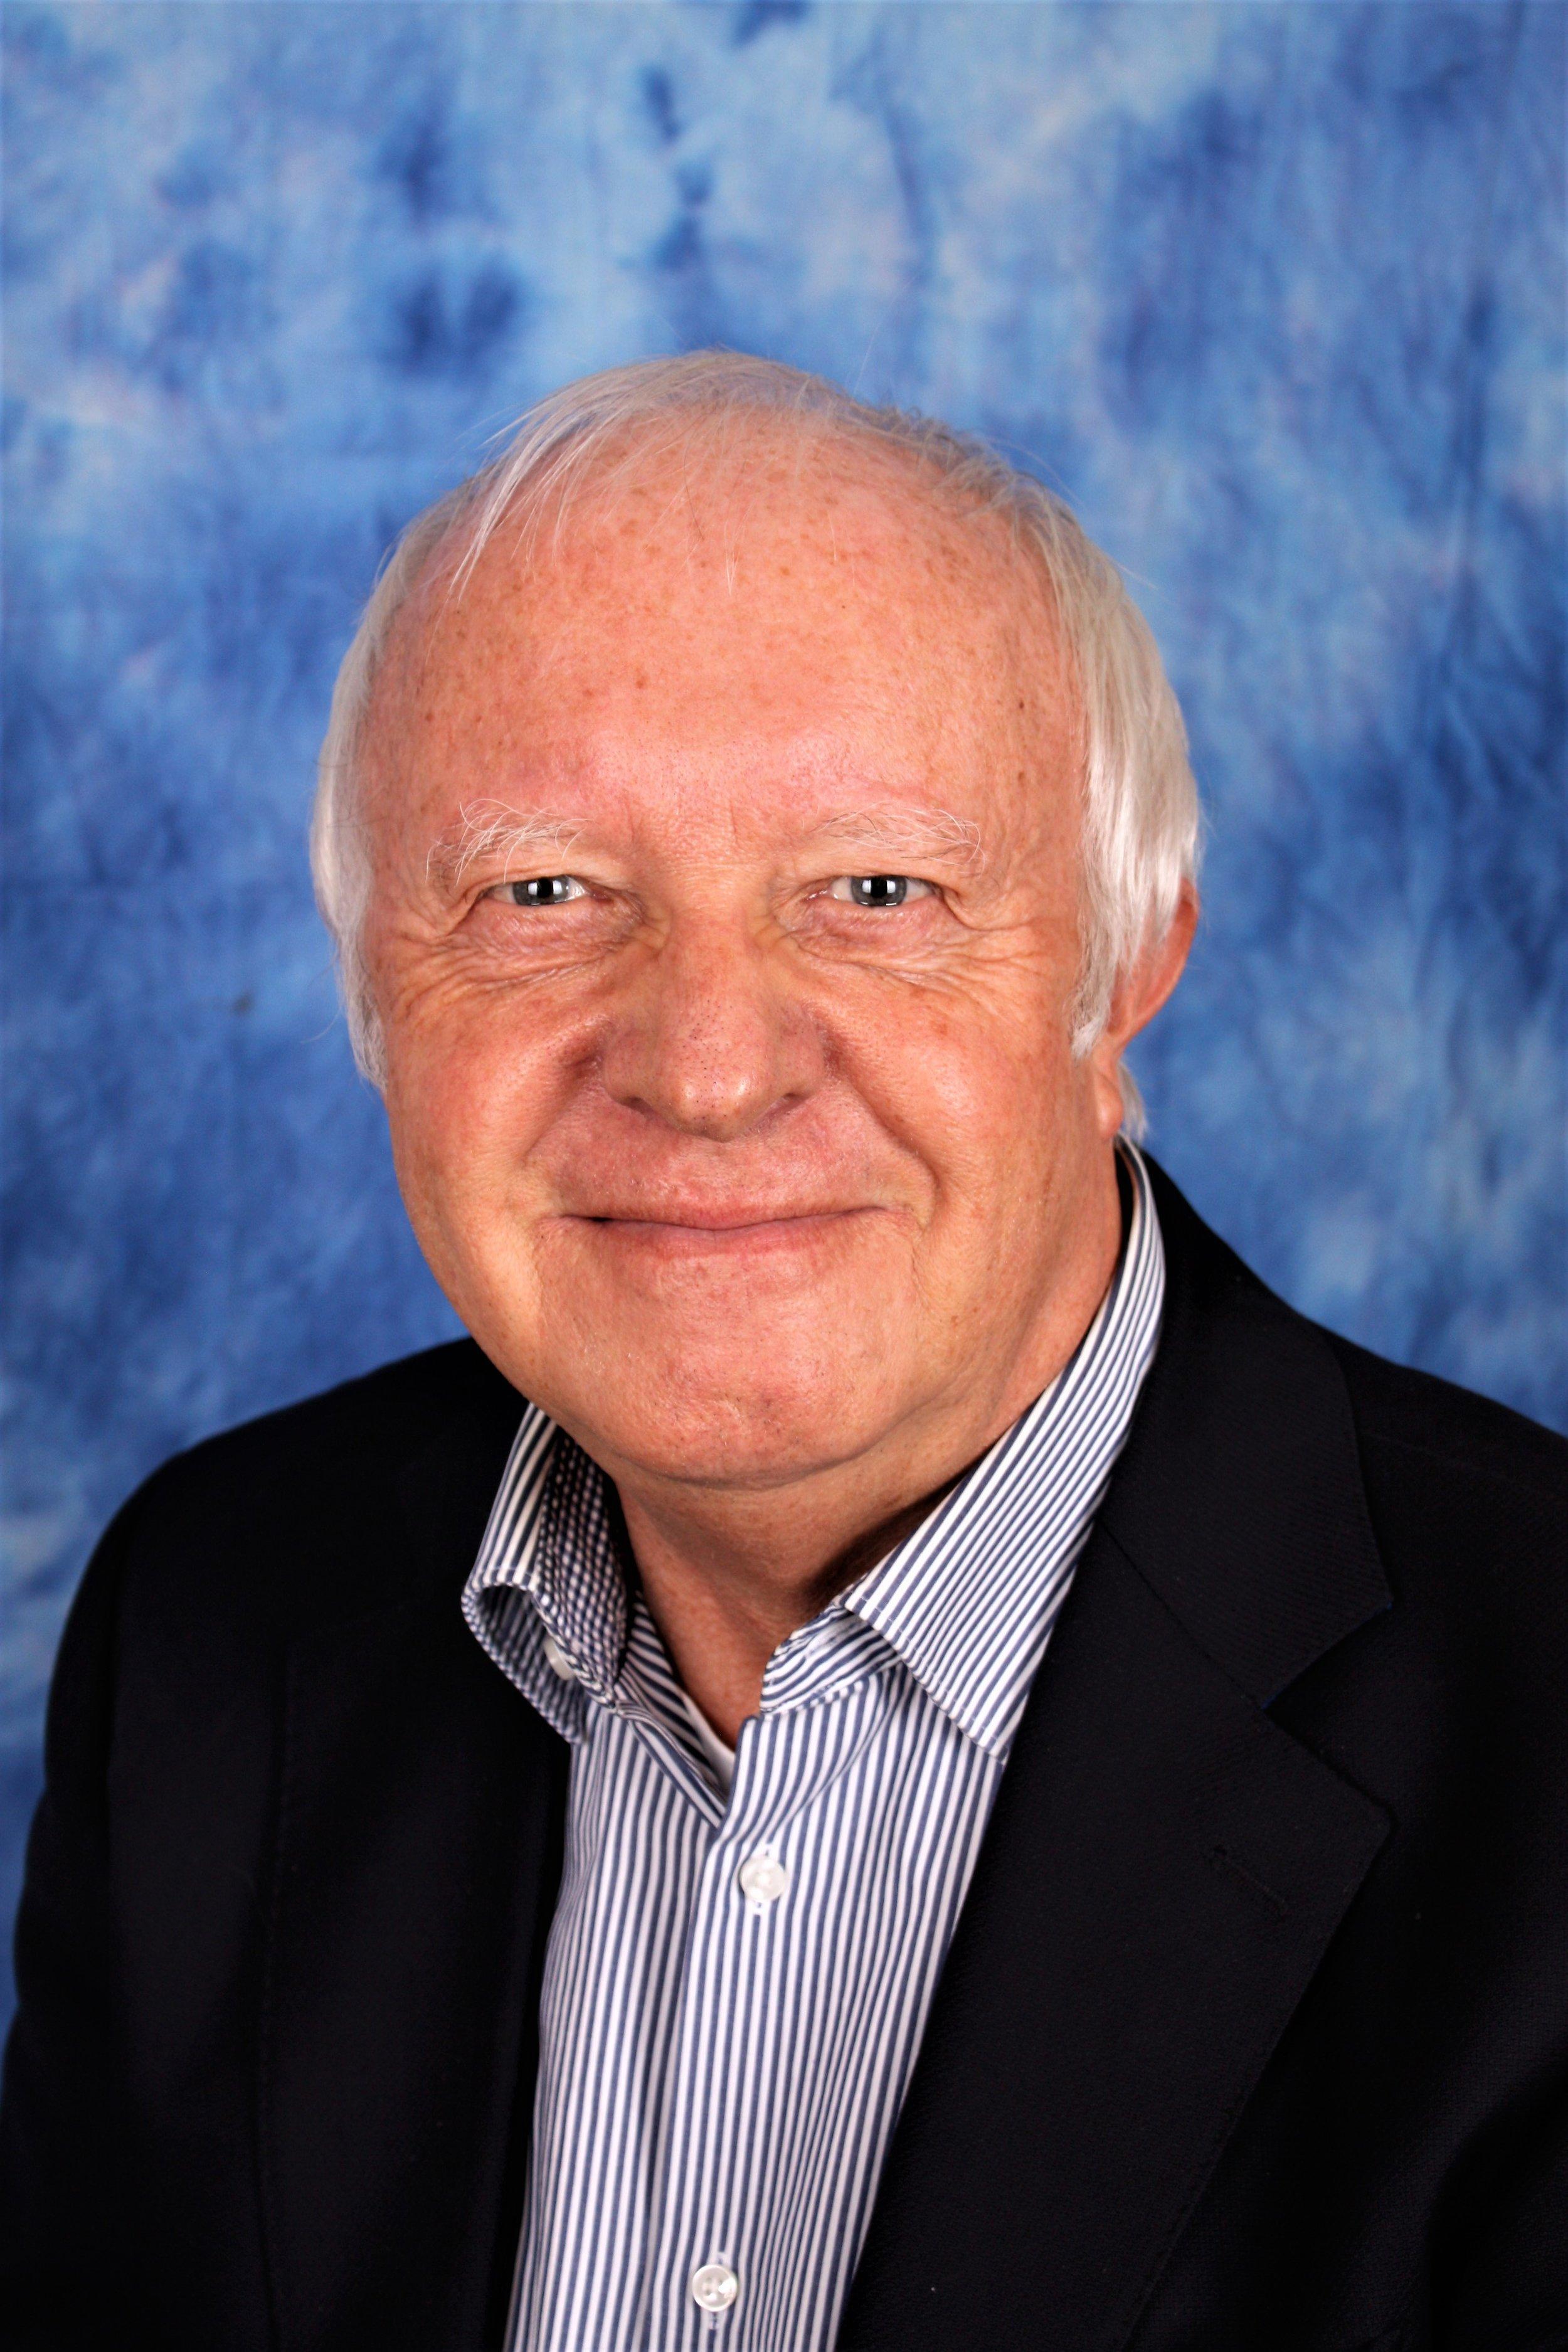 Frank Wukasch Portrait 2017.JPG